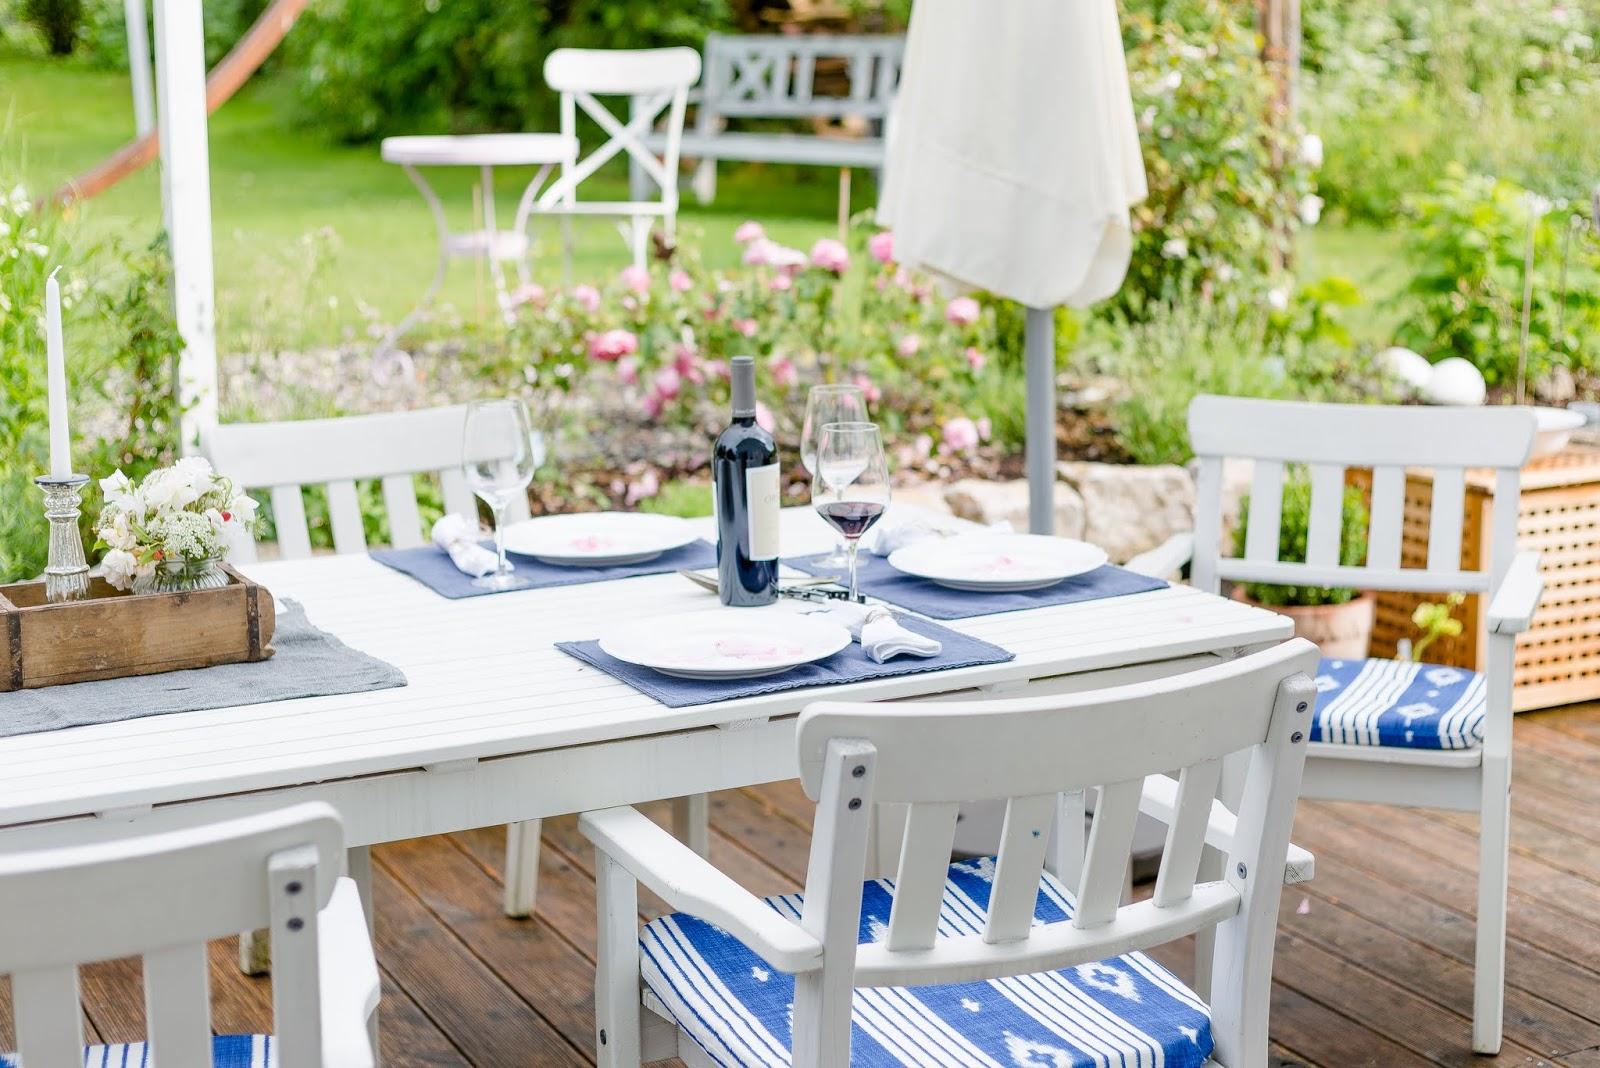 Outdoorküche Bauen Test : Outdoor küche selbstgemacht outdoorküche wetterfest stein grill